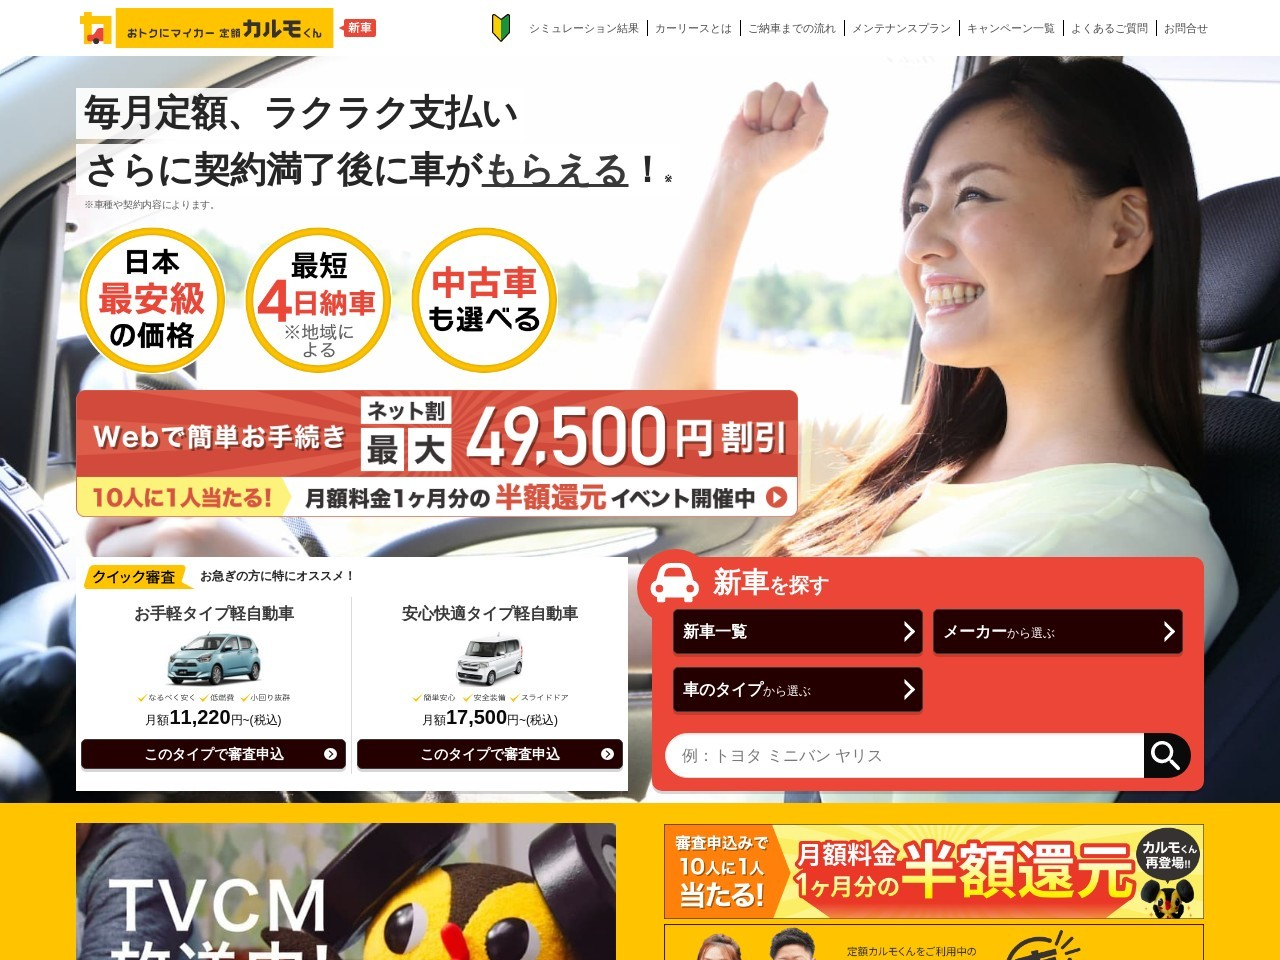 【自動投稿】 ペーパードライバー卒業にはカーリースが最適!おすすめ理由と選び方を紹介